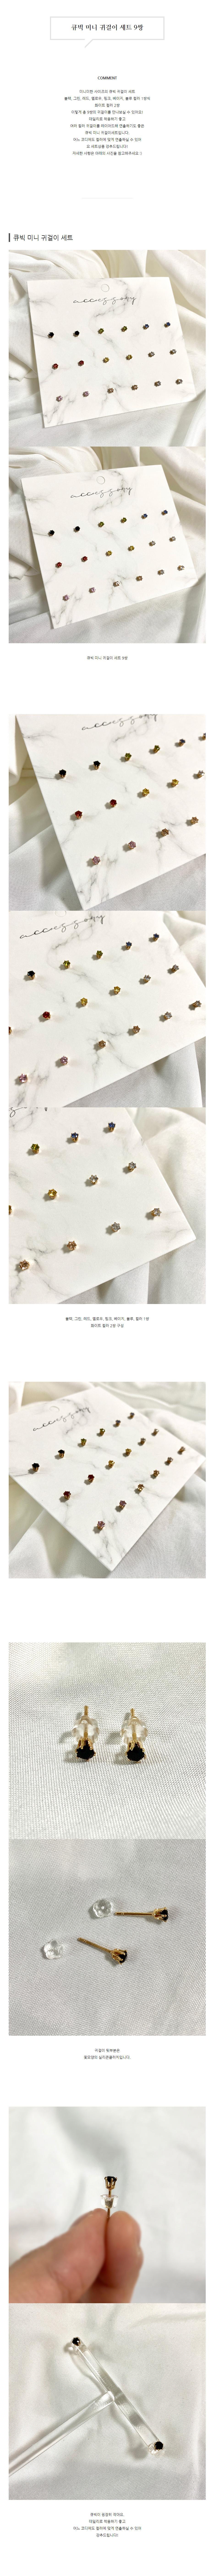 (9쌍세트) 큐빅 미니 귀걸이 세트 - 소유니즈마켓, 11,000원, 골드, 볼/미니귀걸이